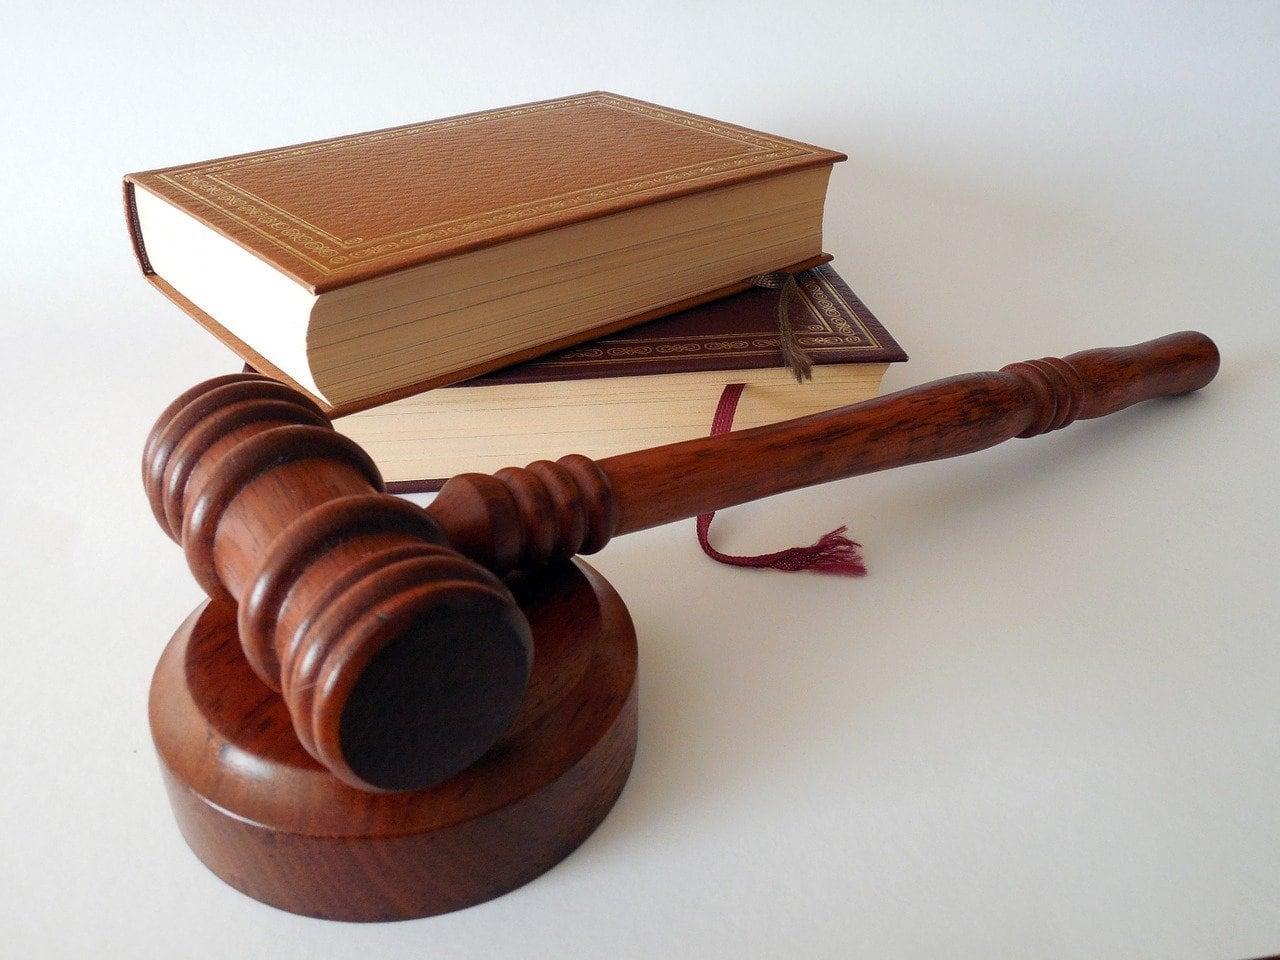 Ilmu Hukum - Jurusan Favorit di UNAND Padang dan Paling Banyak Peminat Universitas Andalas